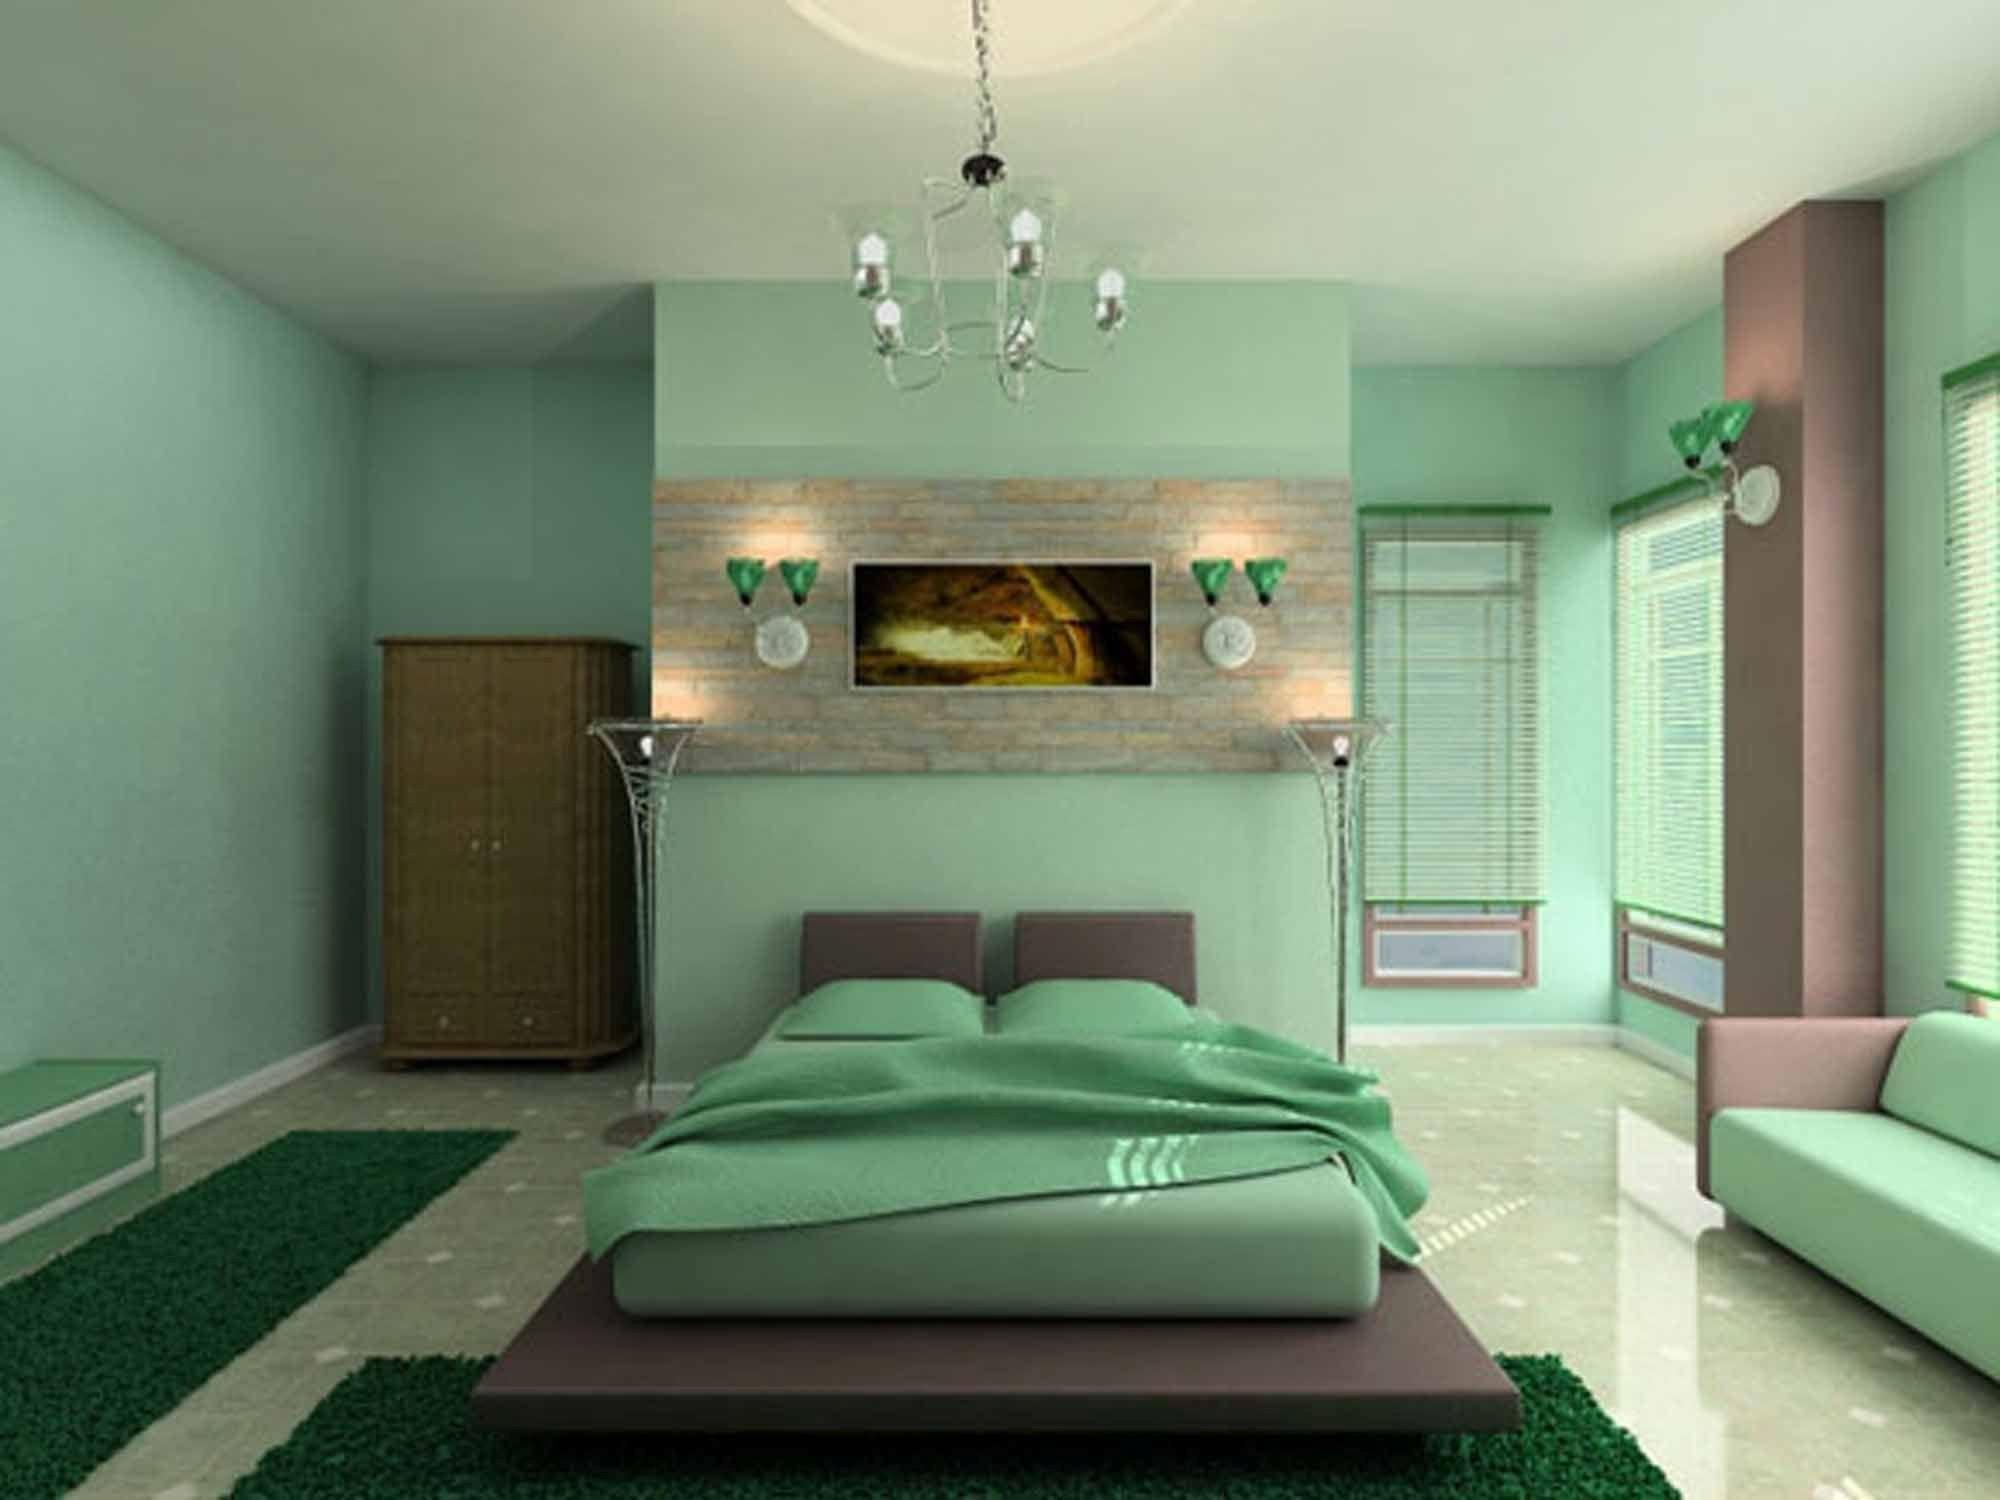 الوان ديكورات غرف النوم (3)